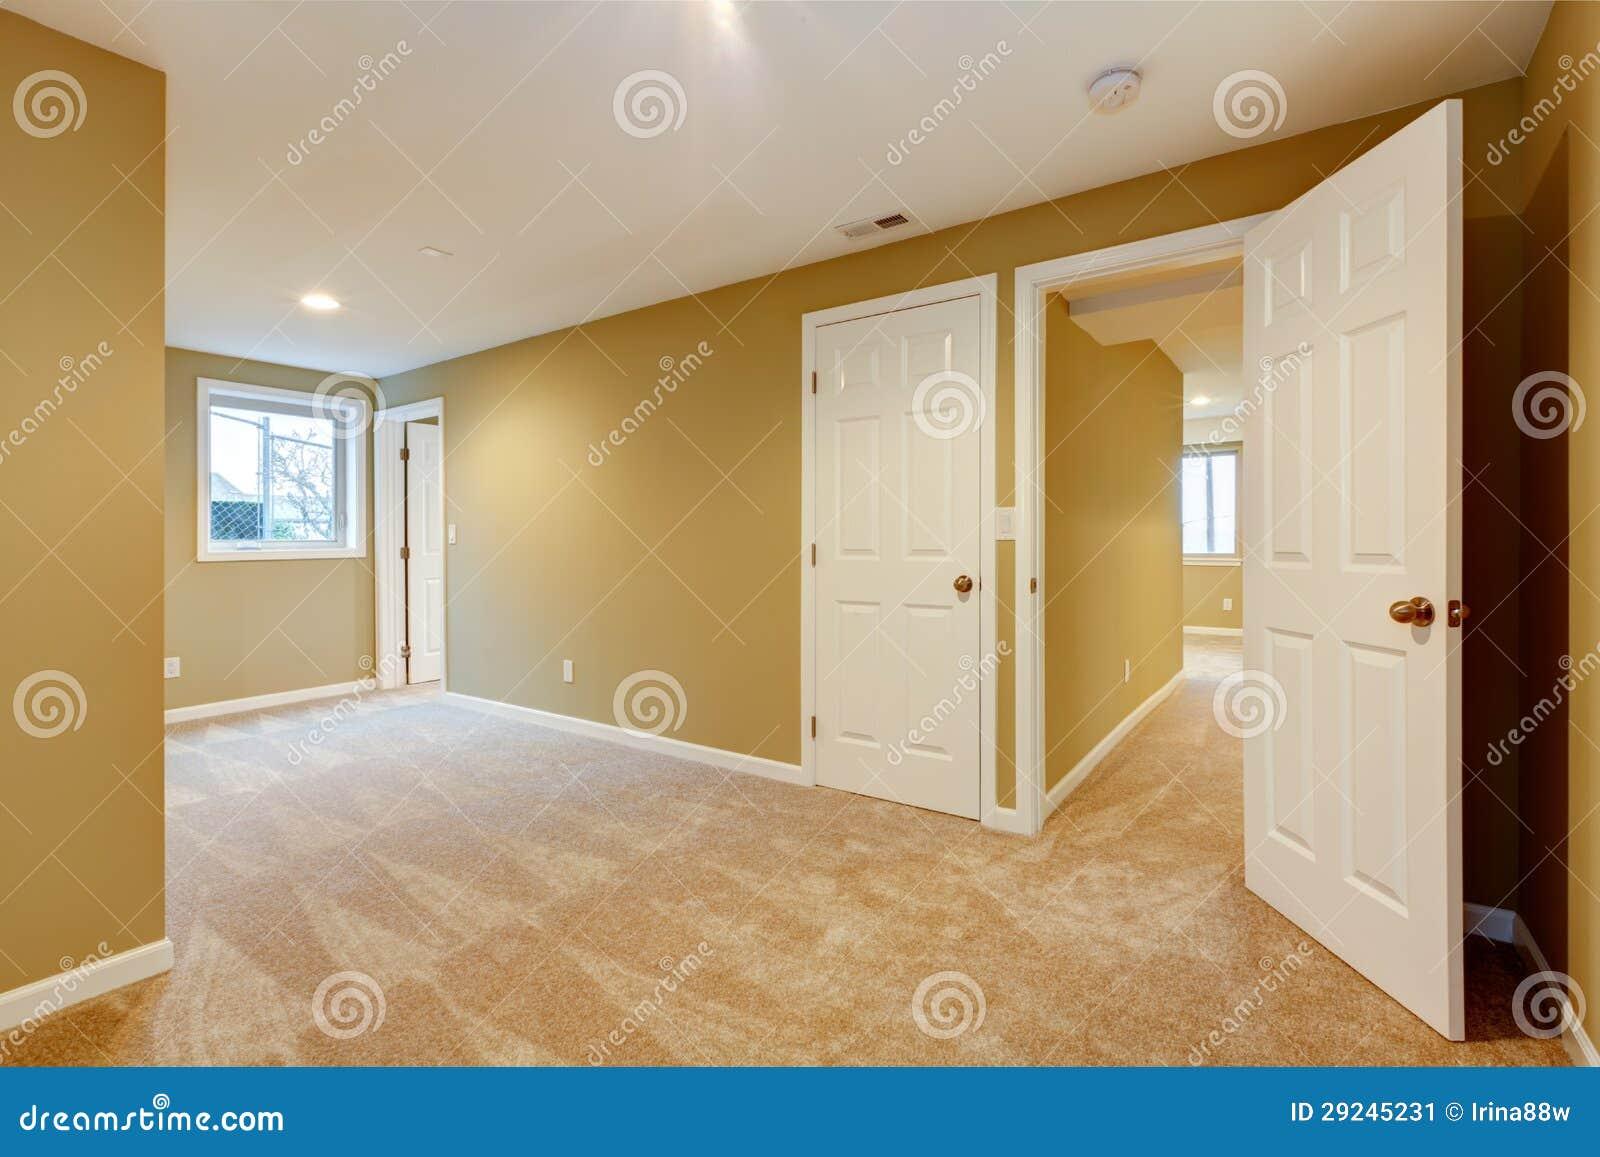 Svuoti la nuova camera da letto con molti porte e tappeto for Nuova camera da letto dell inghilterra